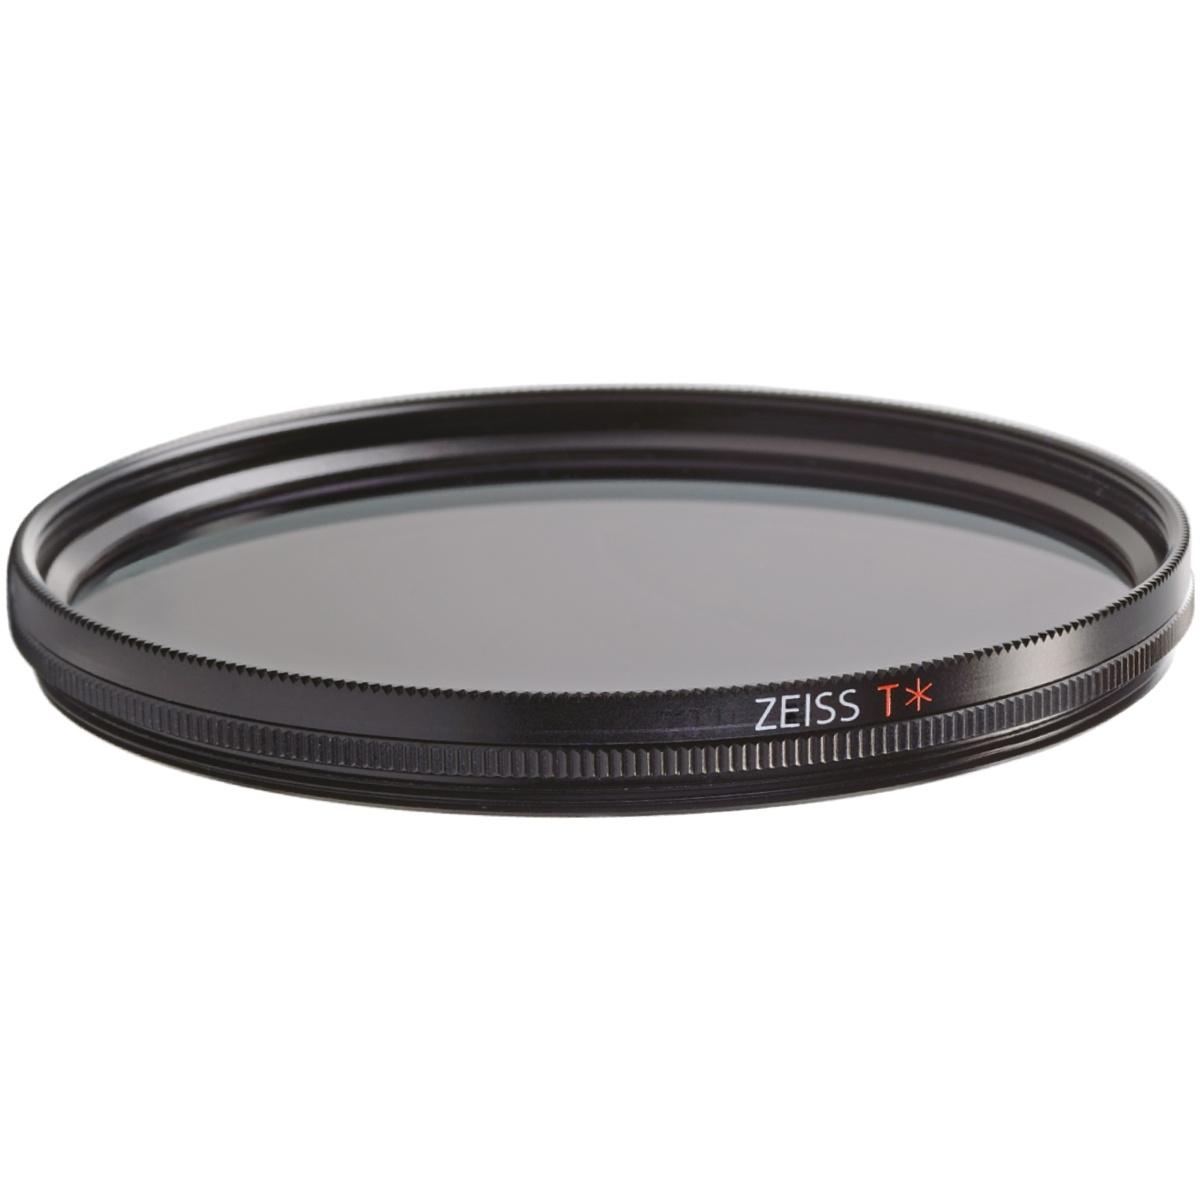 ZEISS T POL-Filter circular 72mm